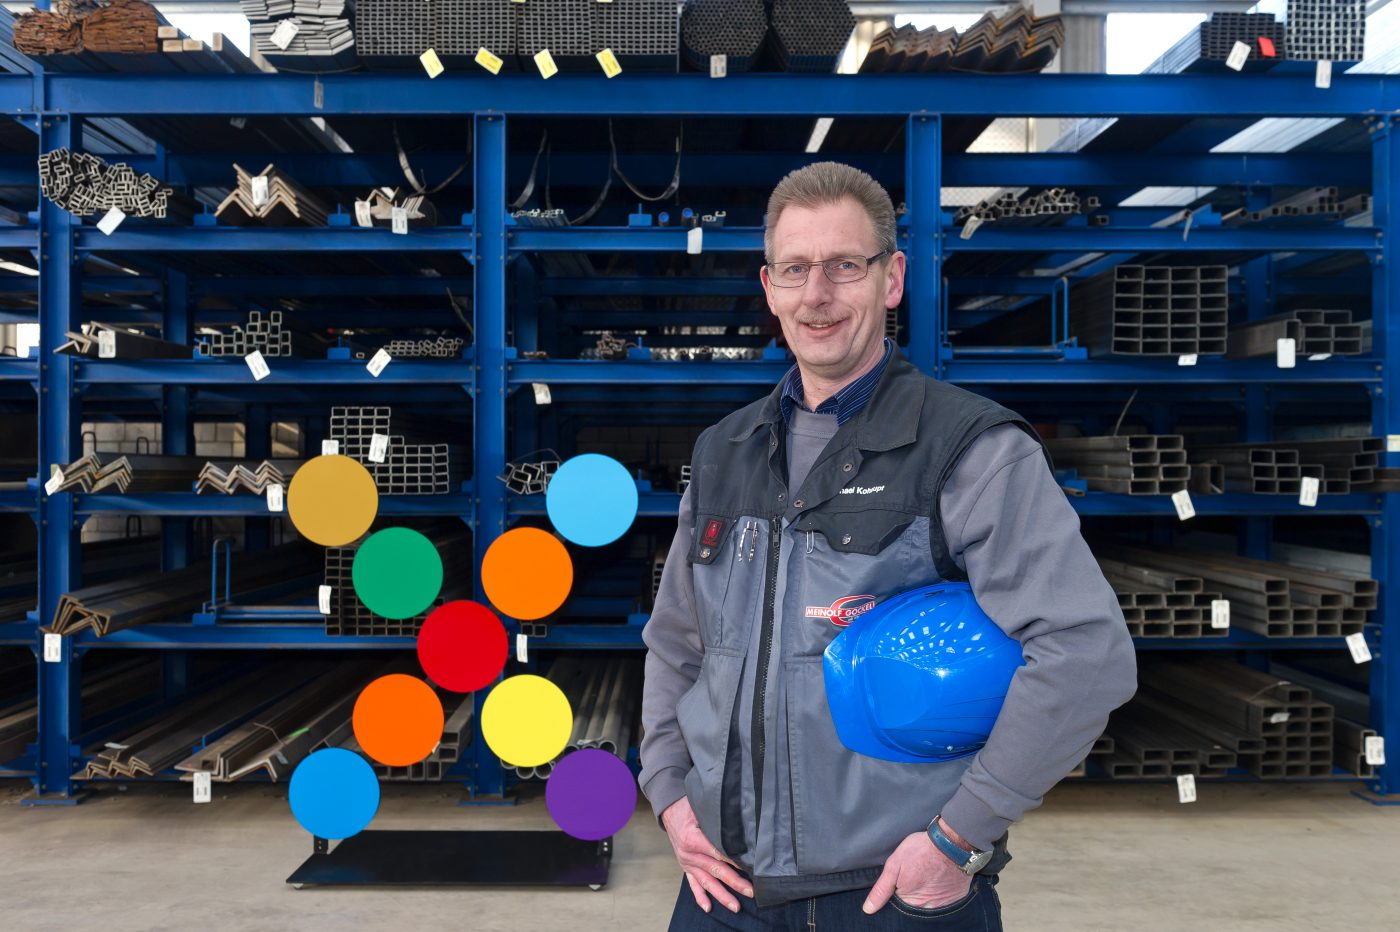 Michael Kohaupt, Leitung Lager- und Logistik, Meinolf Gockel GmbH